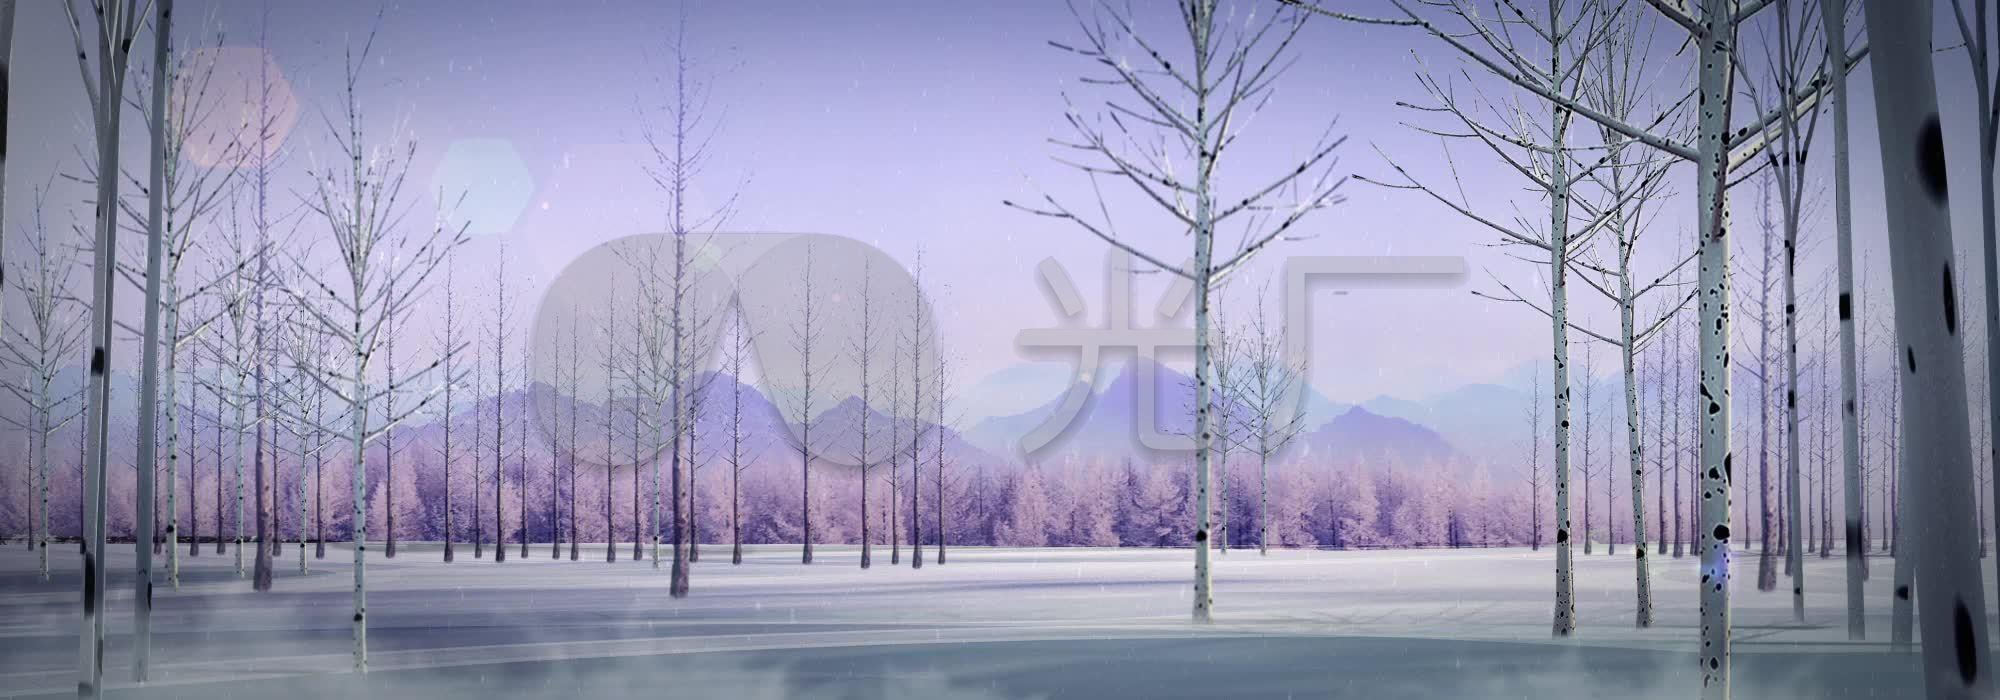 喀秋莎白桦林俄语节目晚歌曲视频_2000X7素材练横叉图片